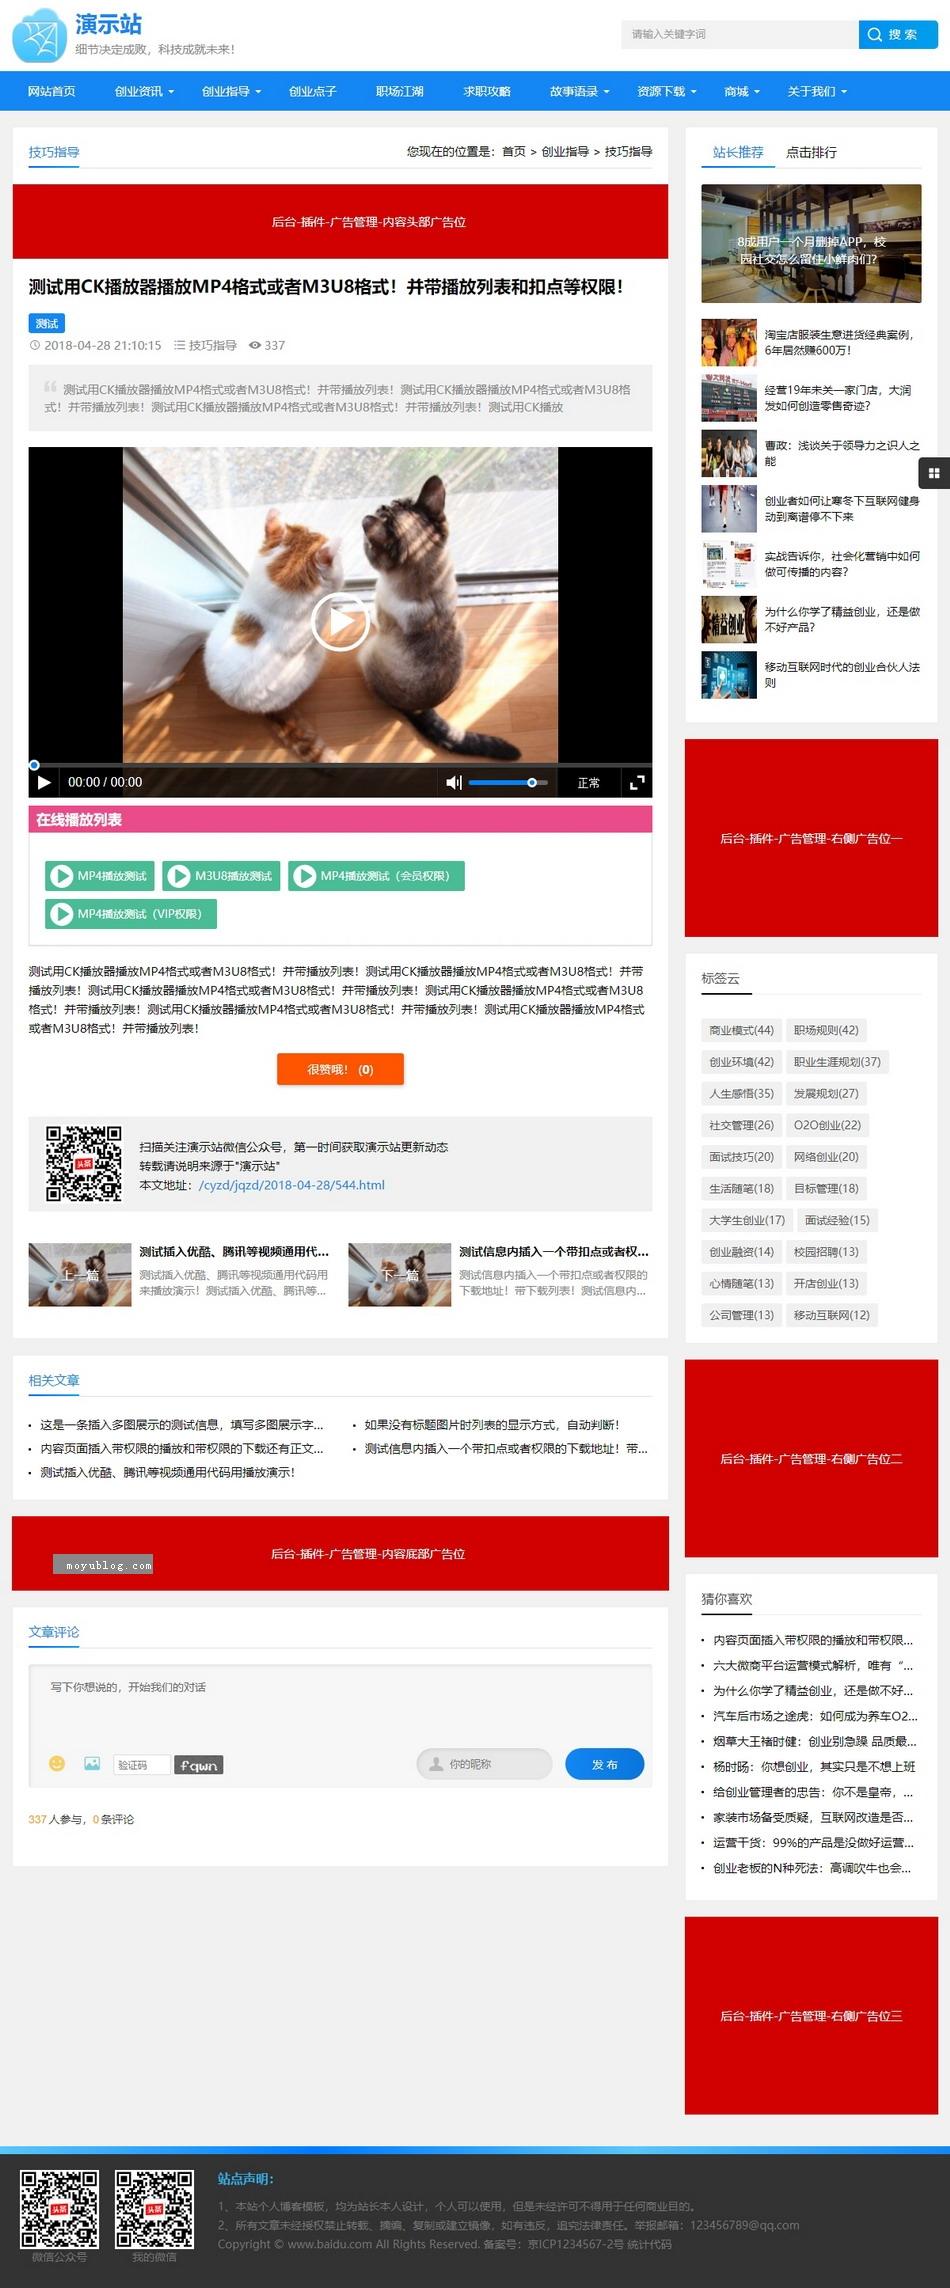 帝国CMS视频收费播放下载新闻资讯门户商城自适应手机HTML5整站模板插图(4)